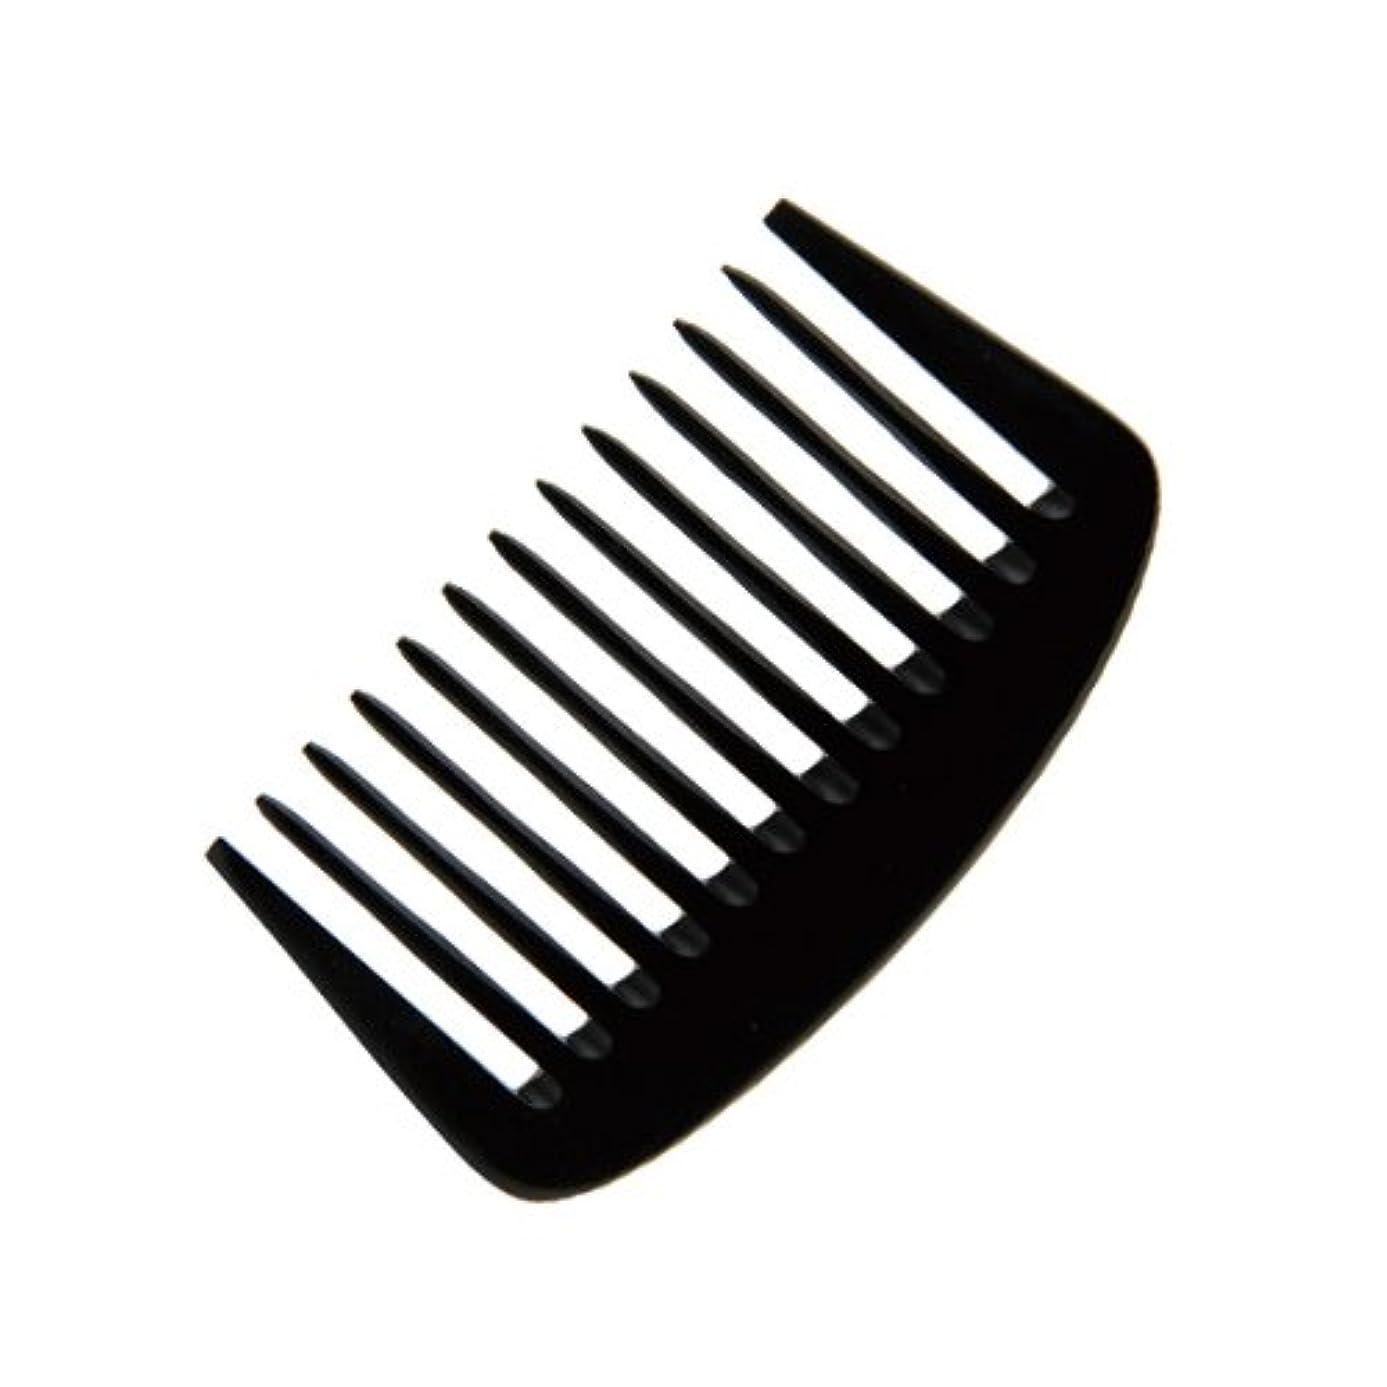 文明化作ります悪化するエトゥベラ e-ーフムーンコーム K-8010 105mm (美容室用) 全2色ブラック